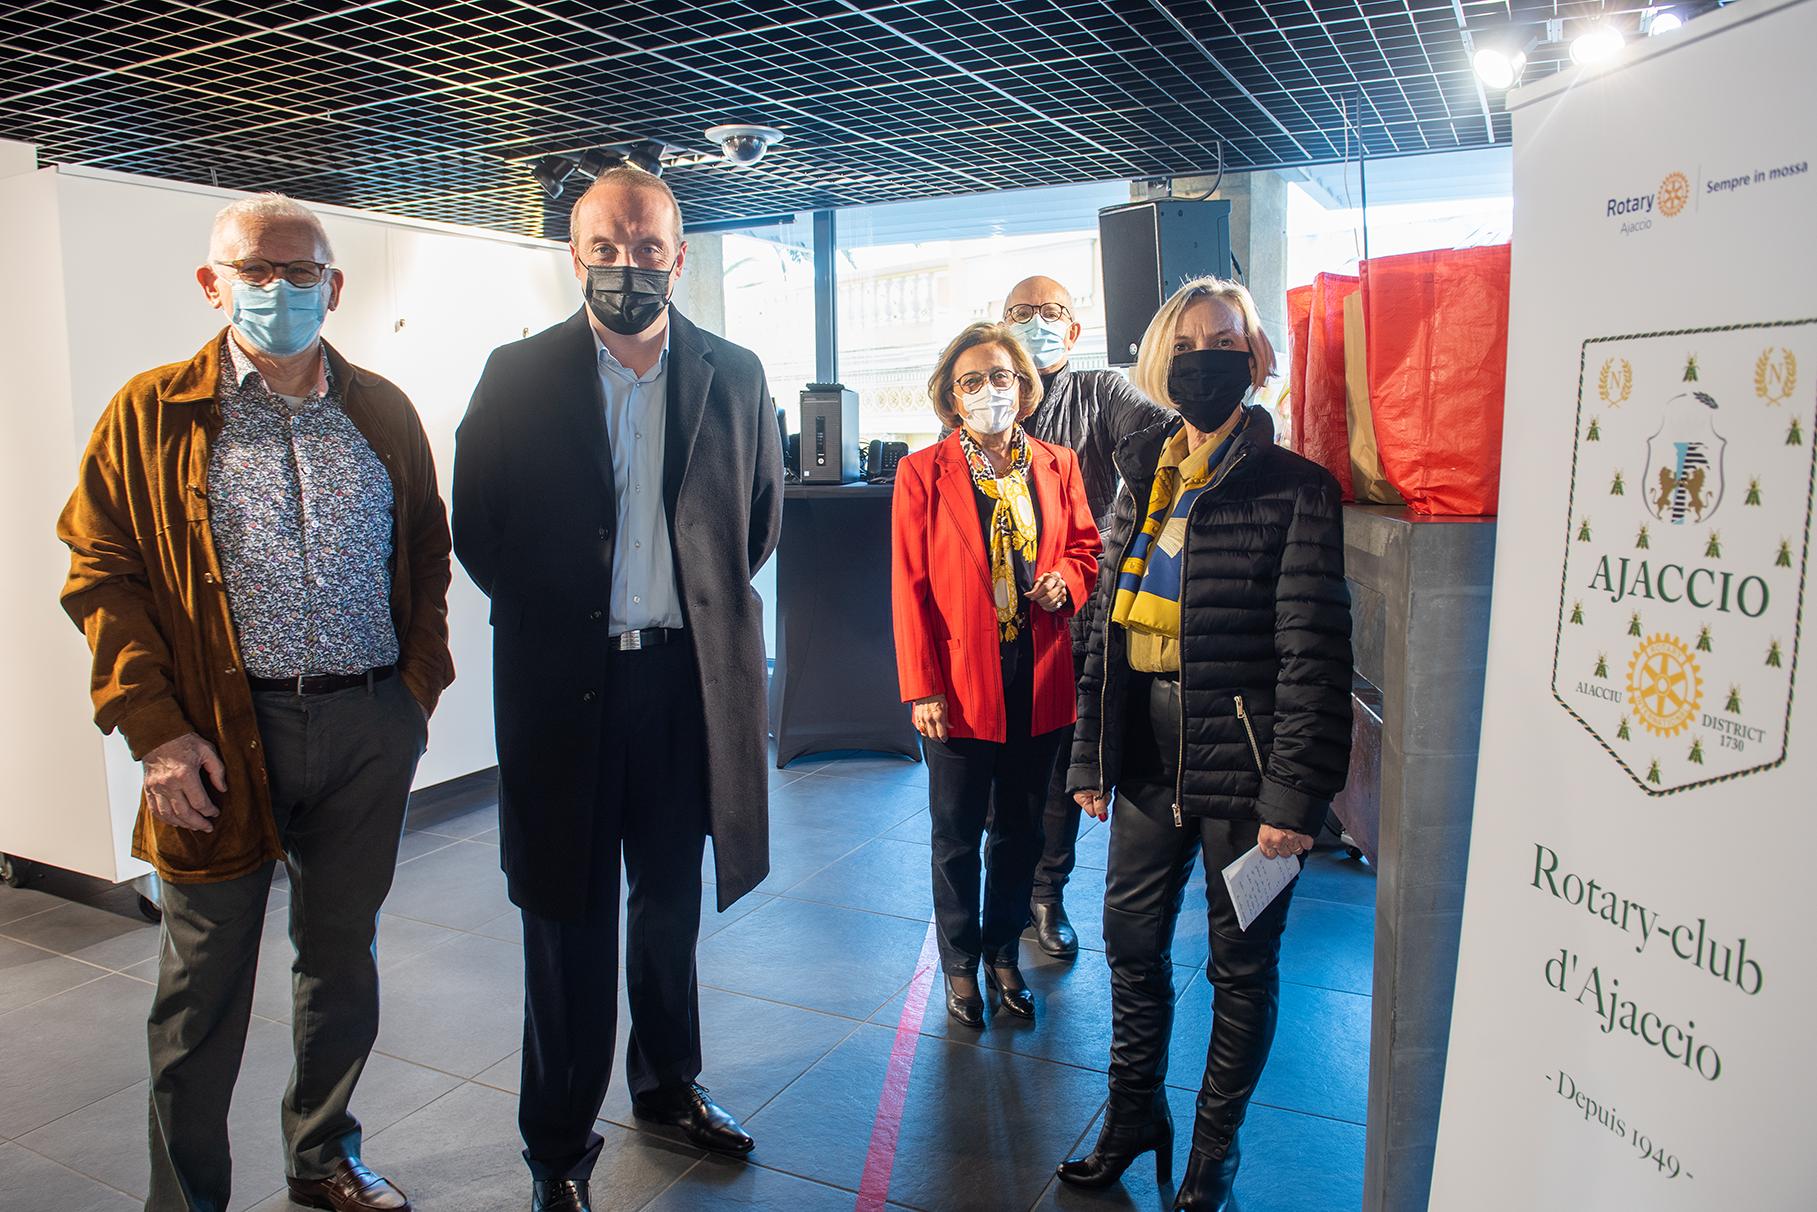 Laurent Marcangeli entouré de Simone Guerrrini adjointé déléguée à la culture et au patrimoine, de Pierre Franceschi, Marcelle Franceschi et Jean arrighi membres du Rotary-club doyen d'Ajaccio (photos Ville d'Ajaccio).